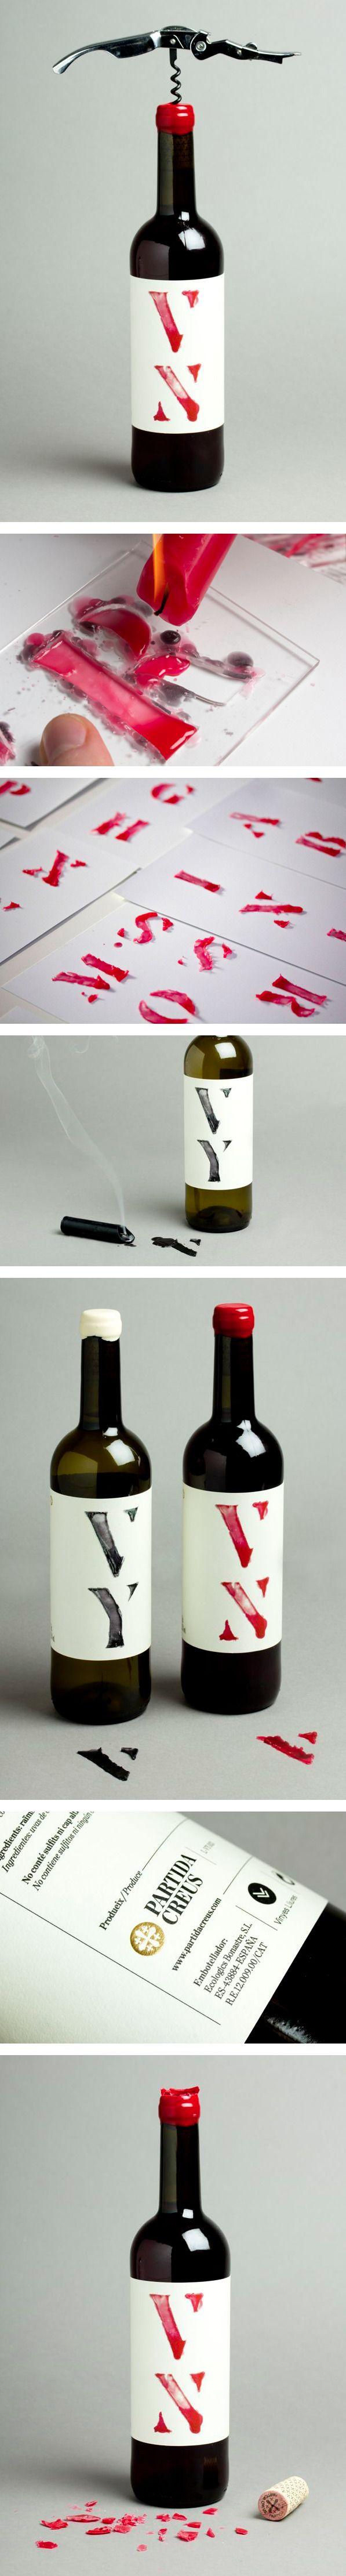 PARTIDA CREUS Wines Limited Edition by Lo Siento.  ------------MESTIZO------------------- #piscomestizo #licordemuña #mestizo